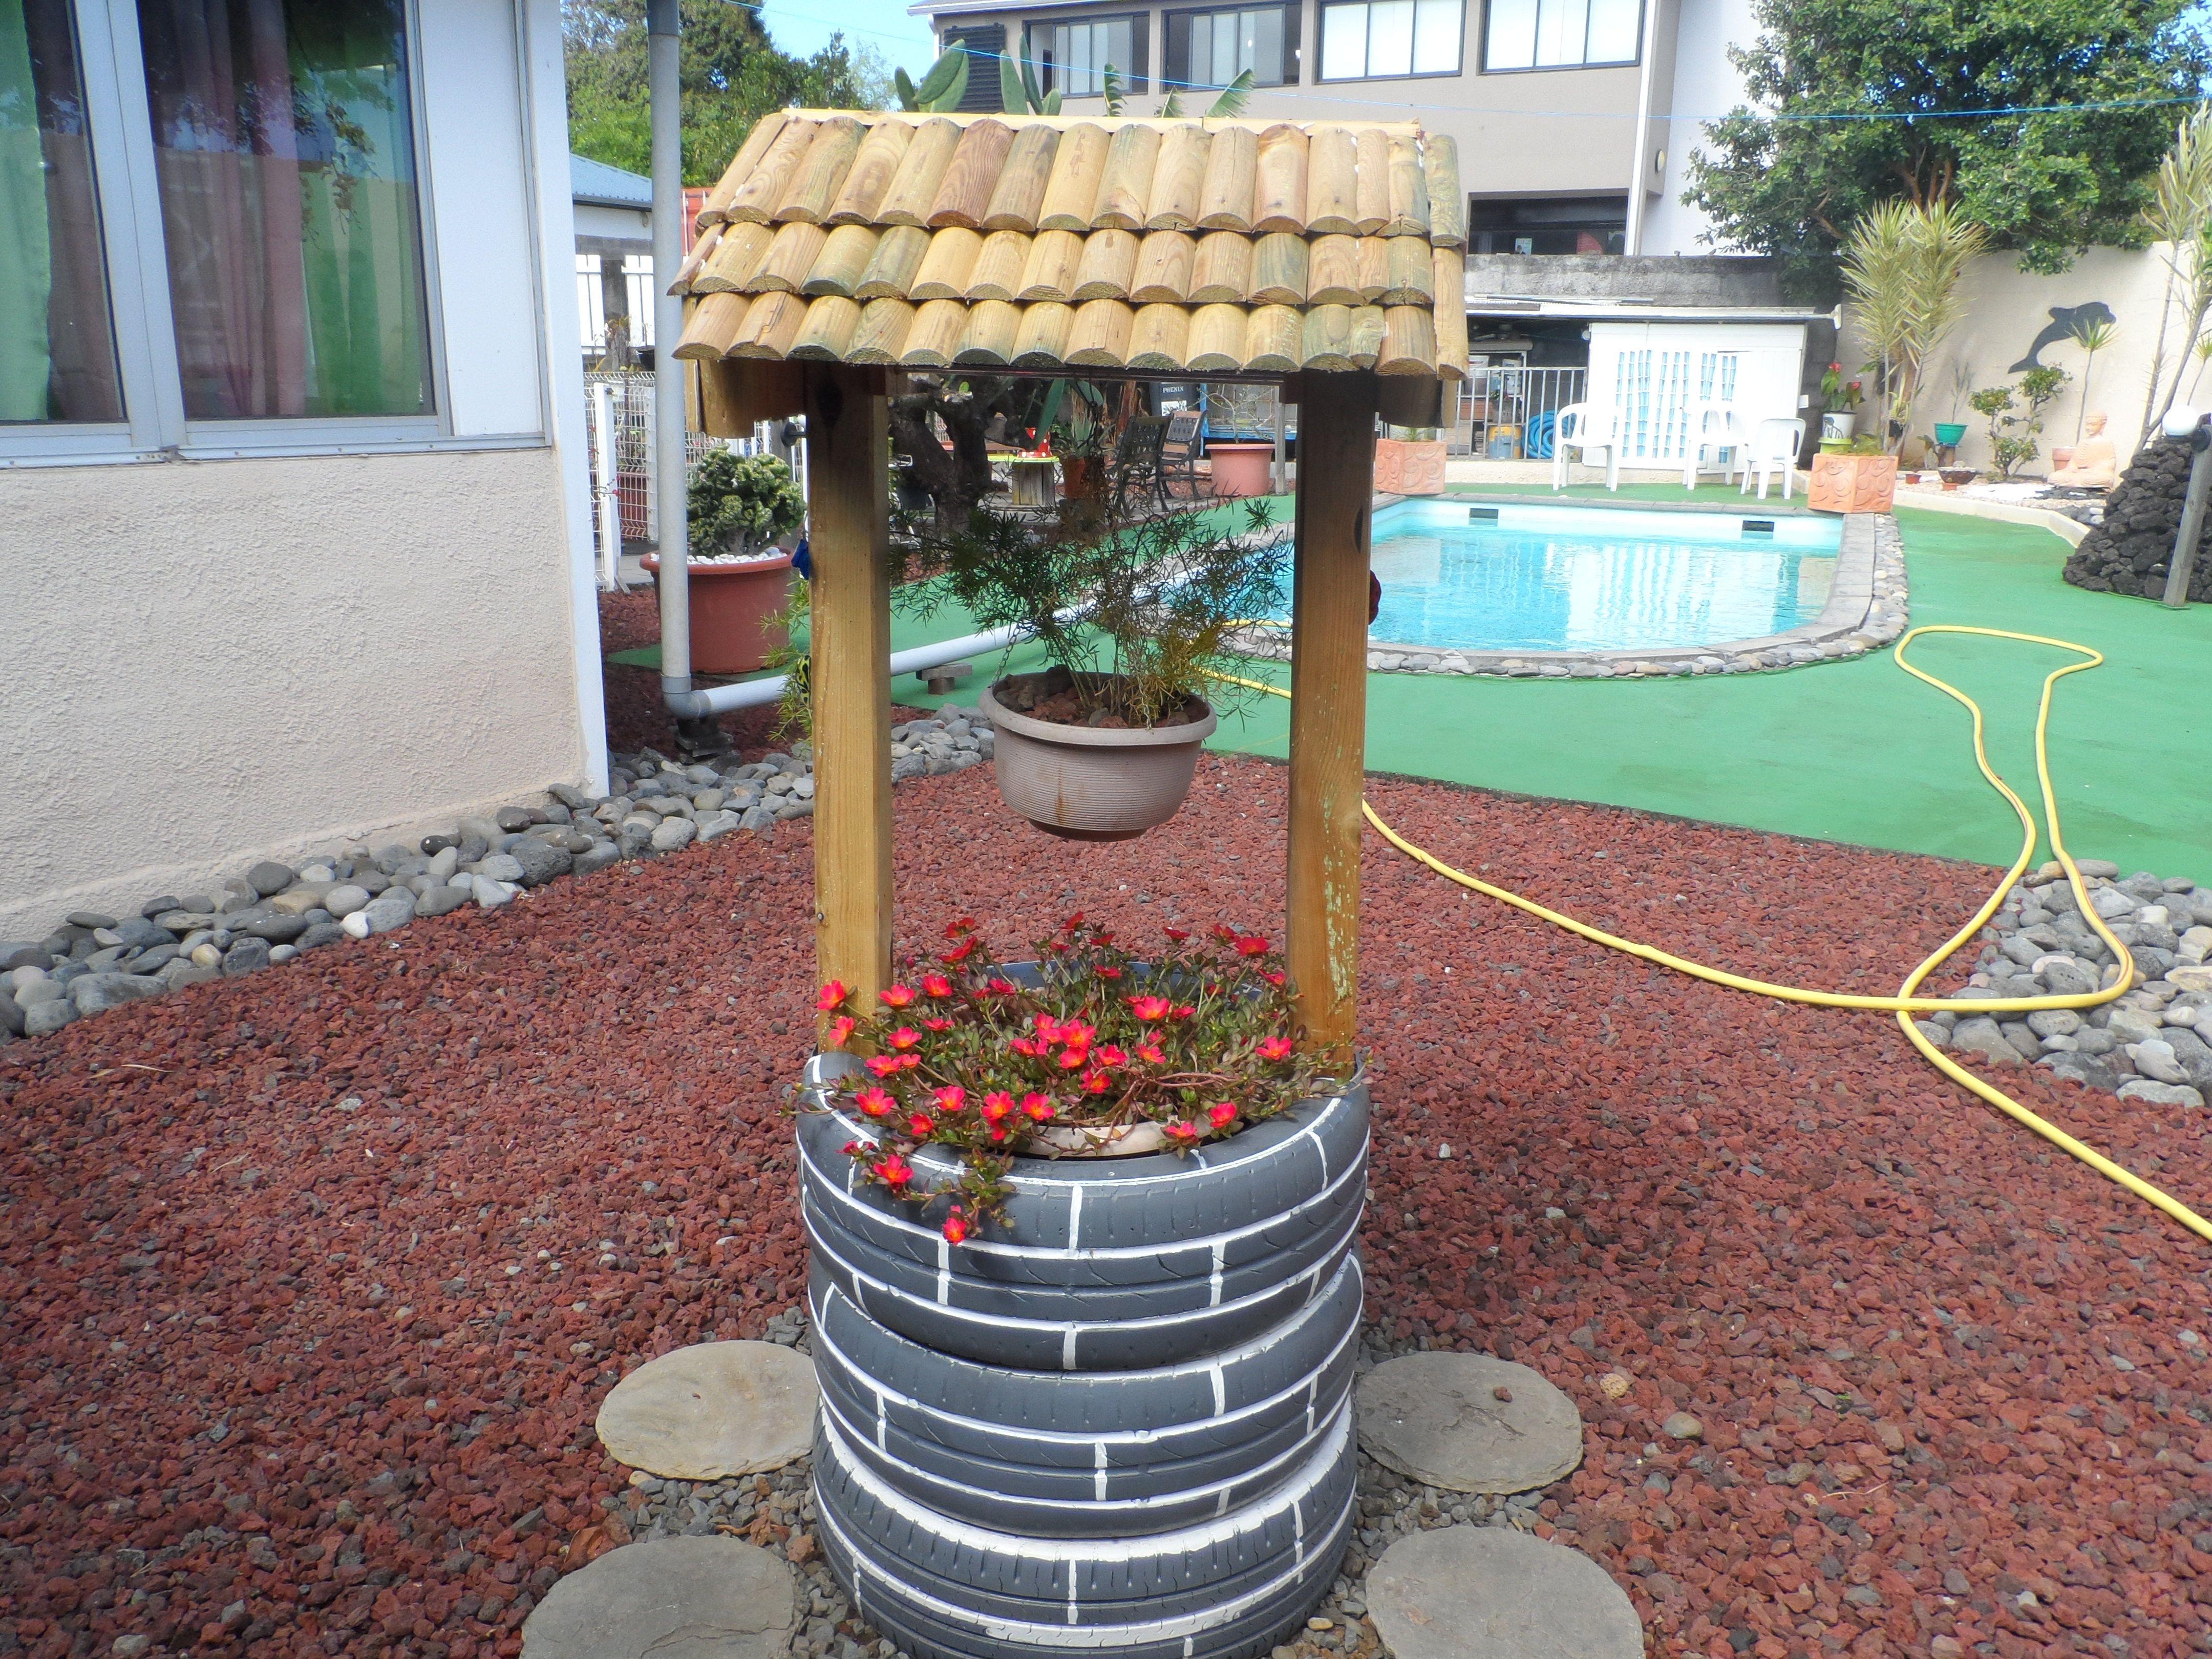 mon puits est fait de pneus et pour le toit des bordures de jardin en bois puits recycl. Black Bedroom Furniture Sets. Home Design Ideas